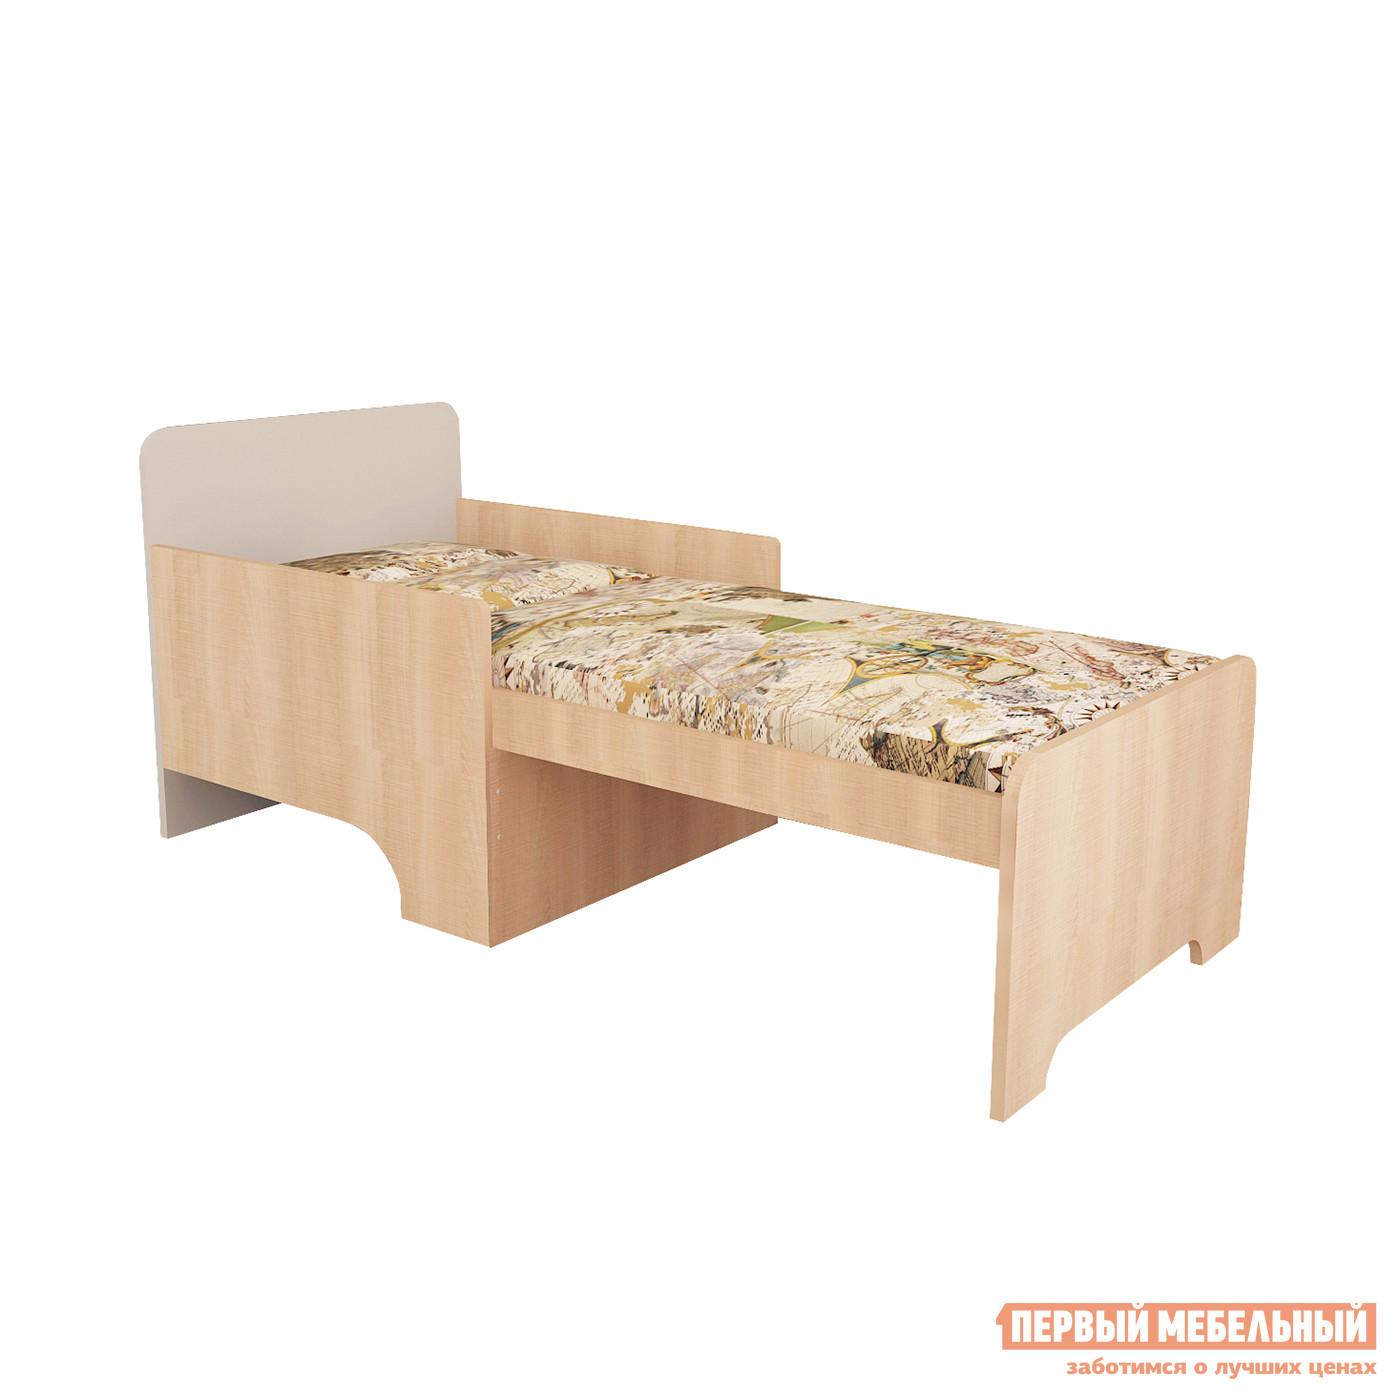 Кровать МО РОСТ Кровать вырастайка Первой цены Мадейра / Серый от Купистол